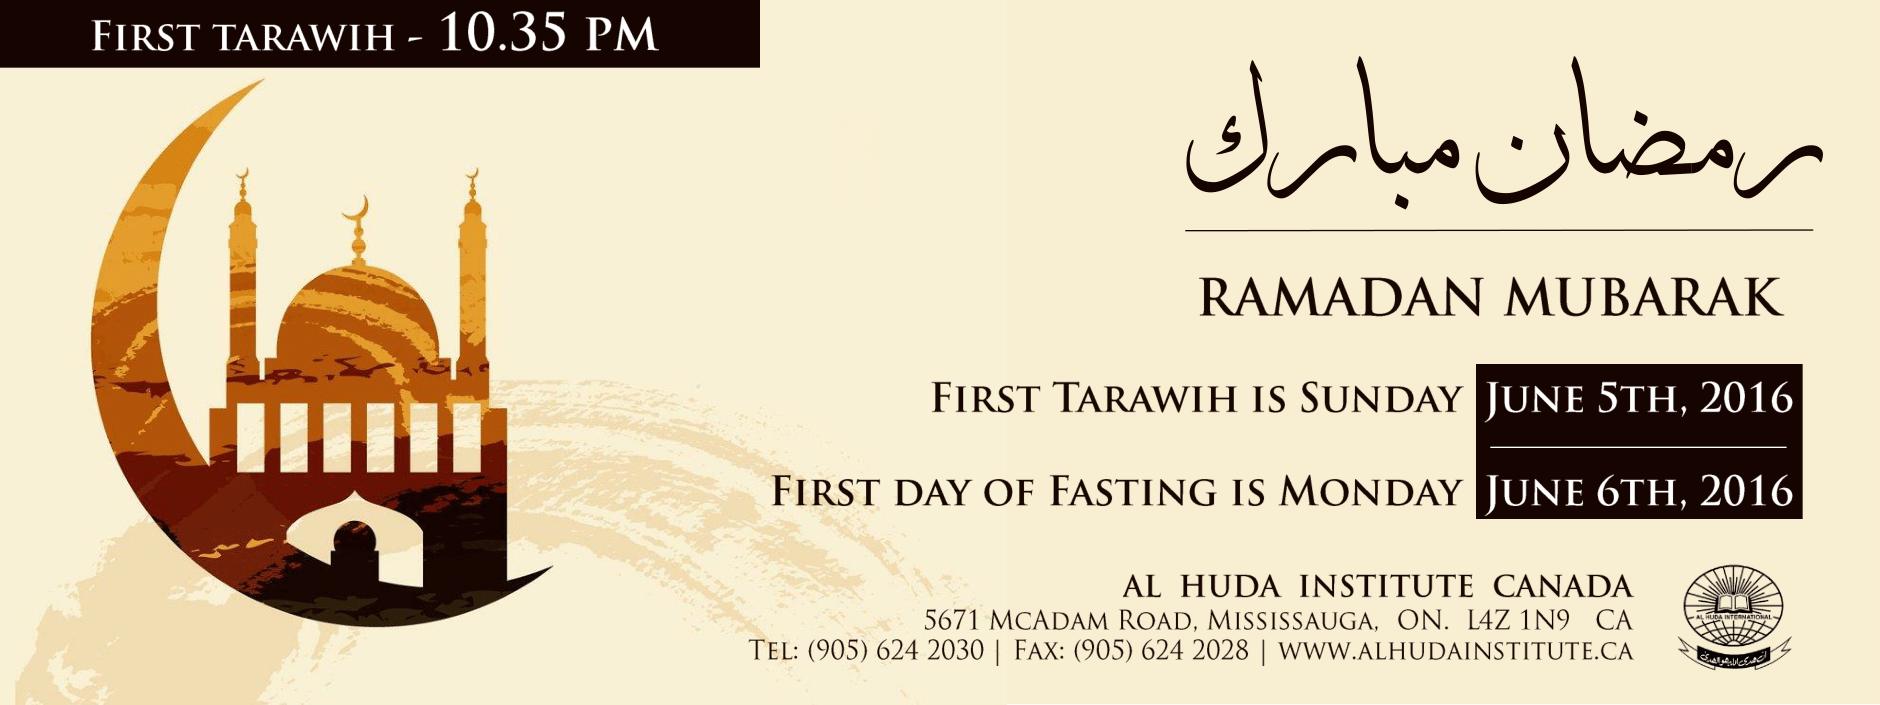 ramadan mubarak-1